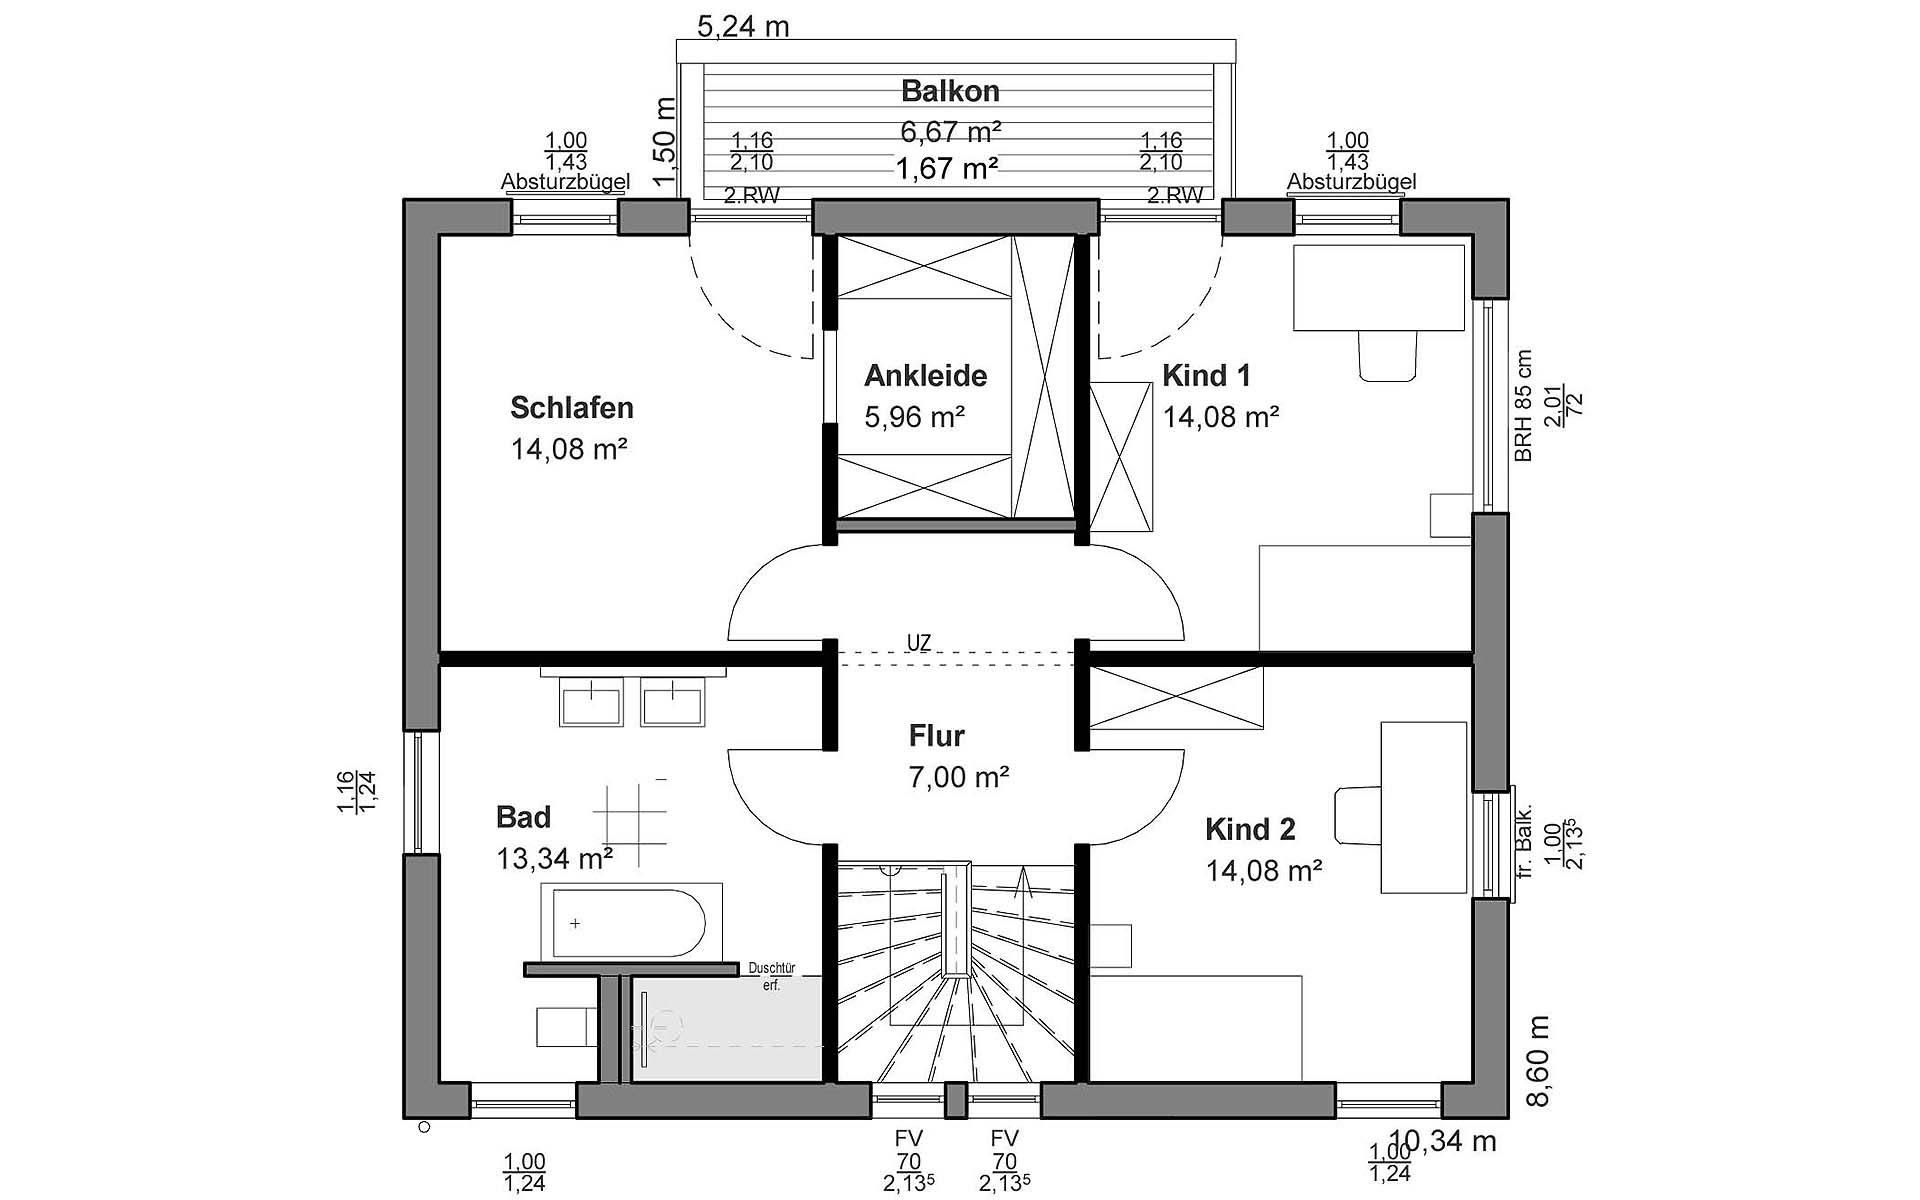 Obergeschoss Pultdach Klassik von LUXHAUS Vertrieb GmbH & Co. KG